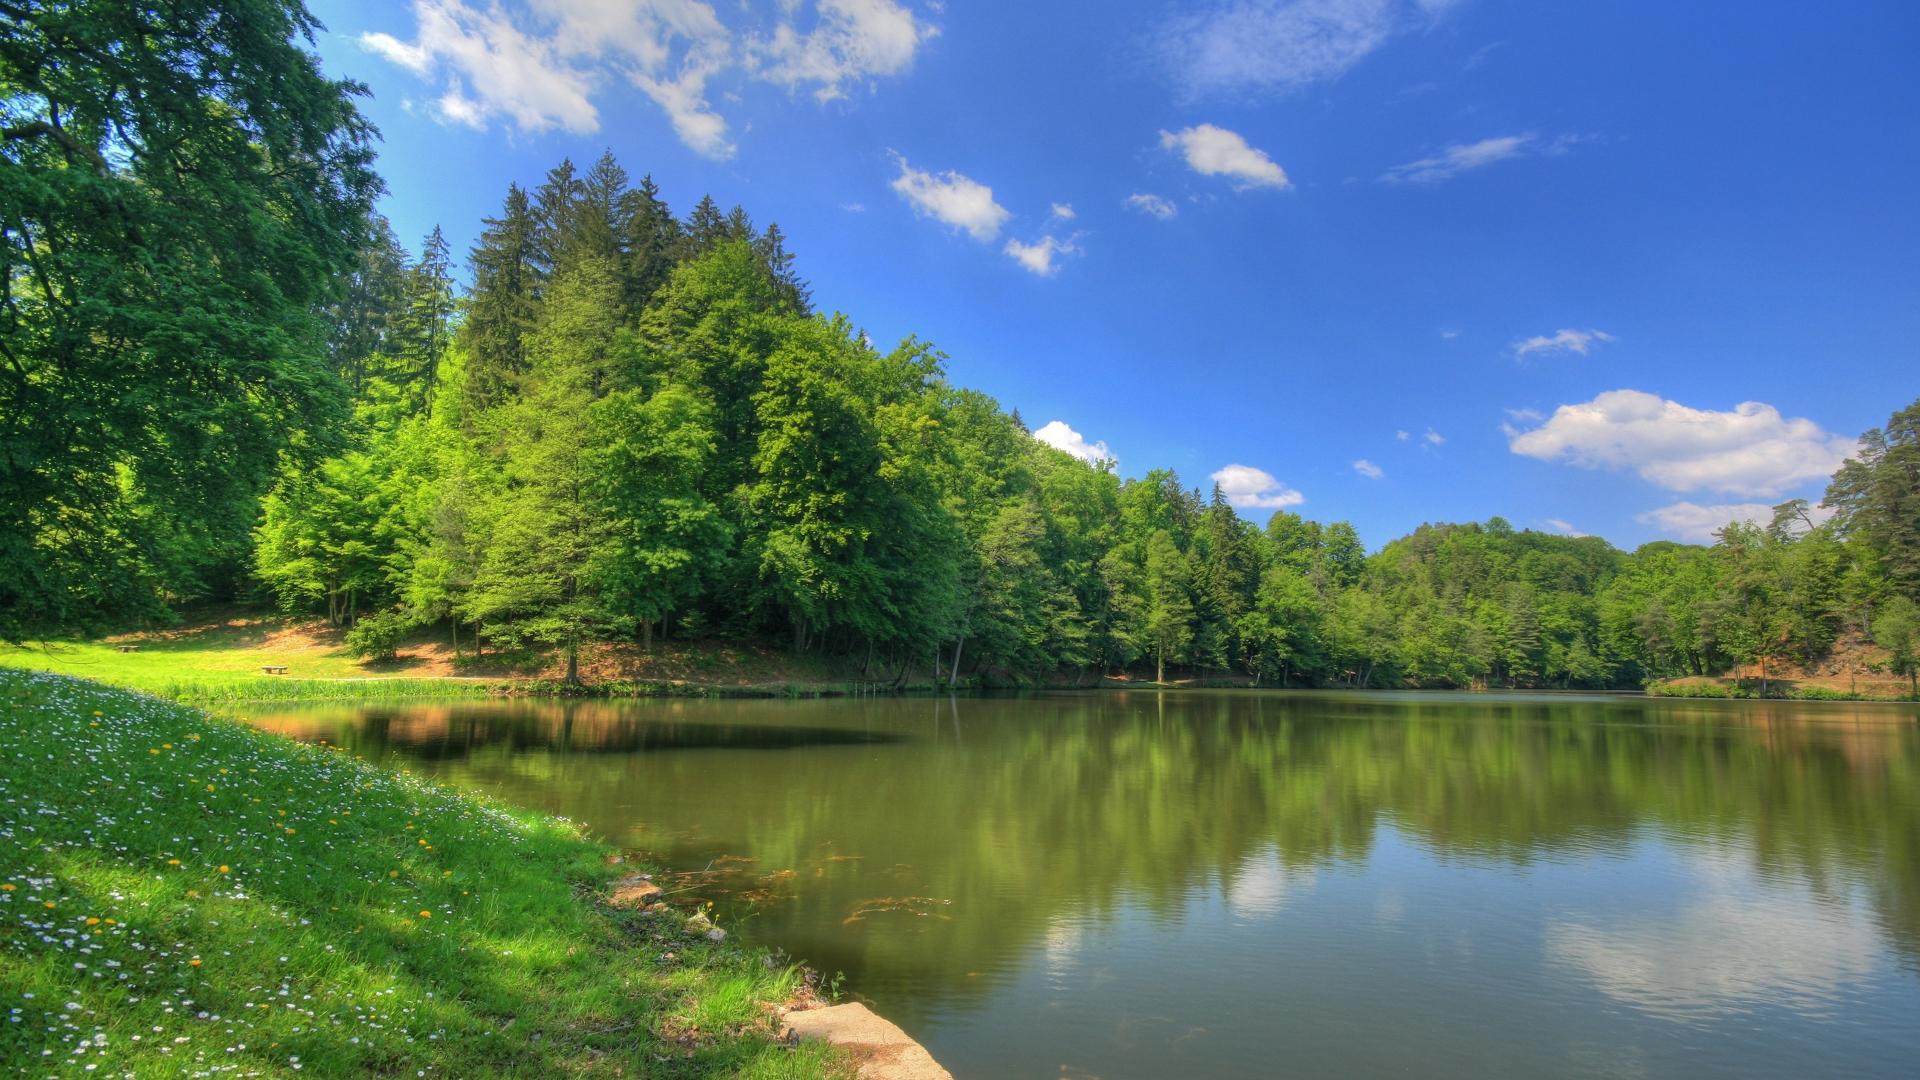 река лес  № 2789232 бесплатно